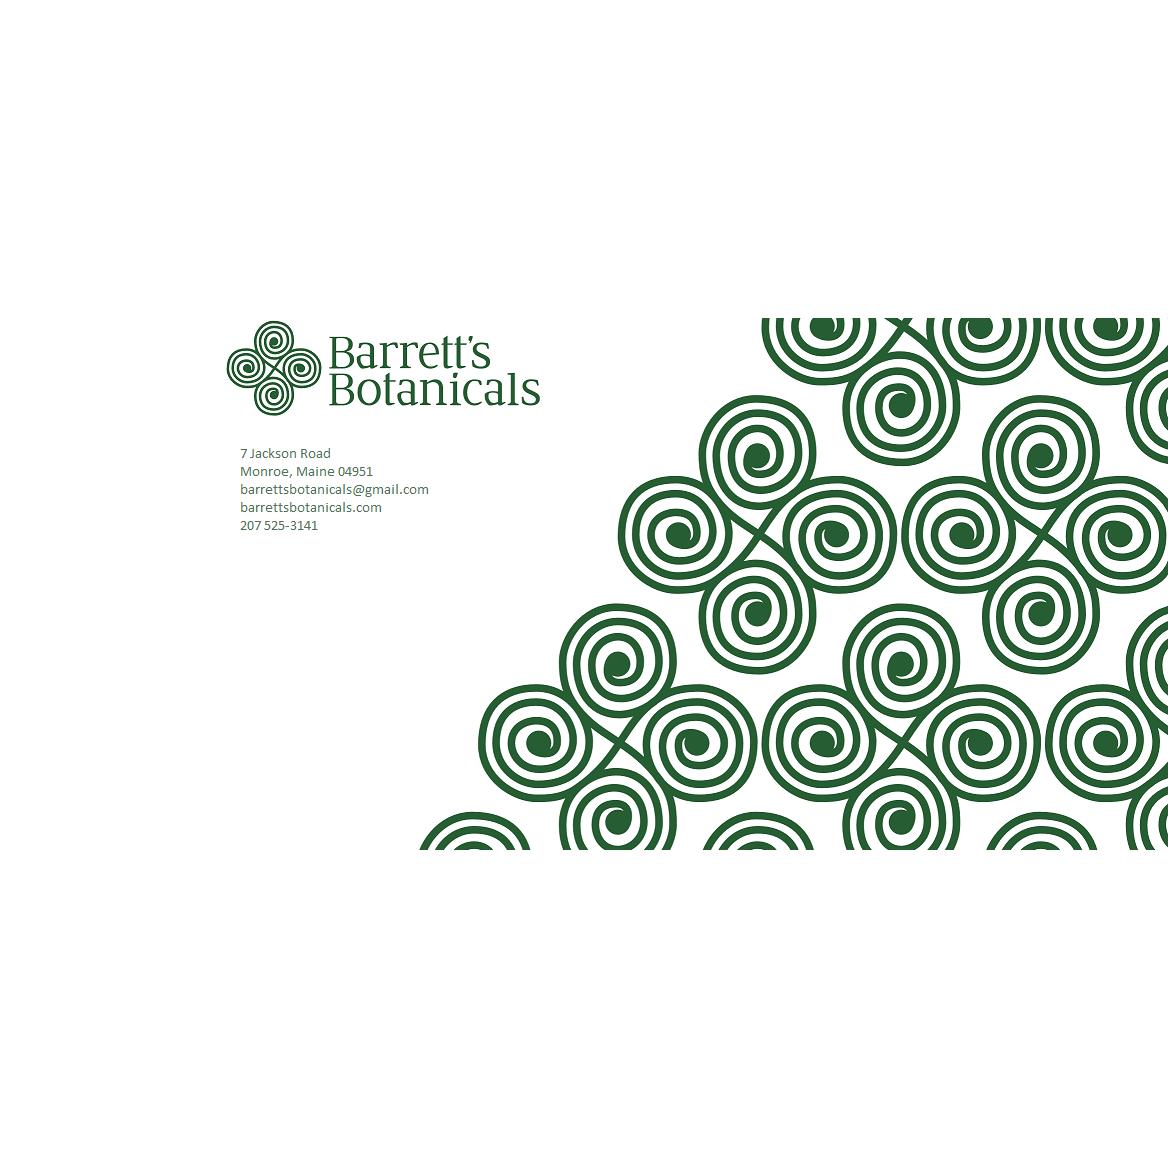 Barrett's Botanicals